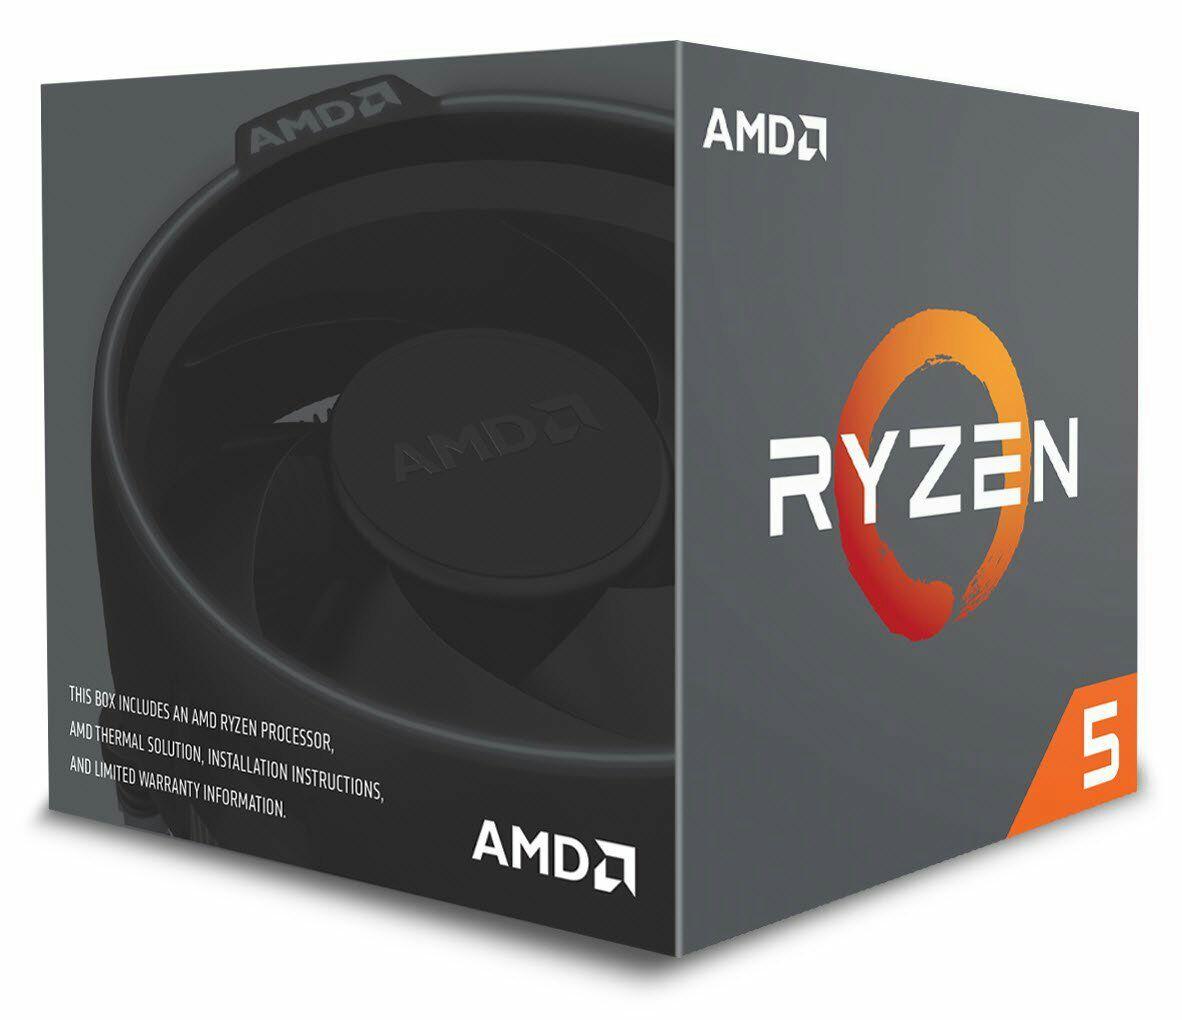 AMD Ryzen 5 2600 Prozessor - 6 Kern, 3.4GHz (Boxed) mit Wraith Stealth Kühler (Amazon.fr) *NEUER PREIS*